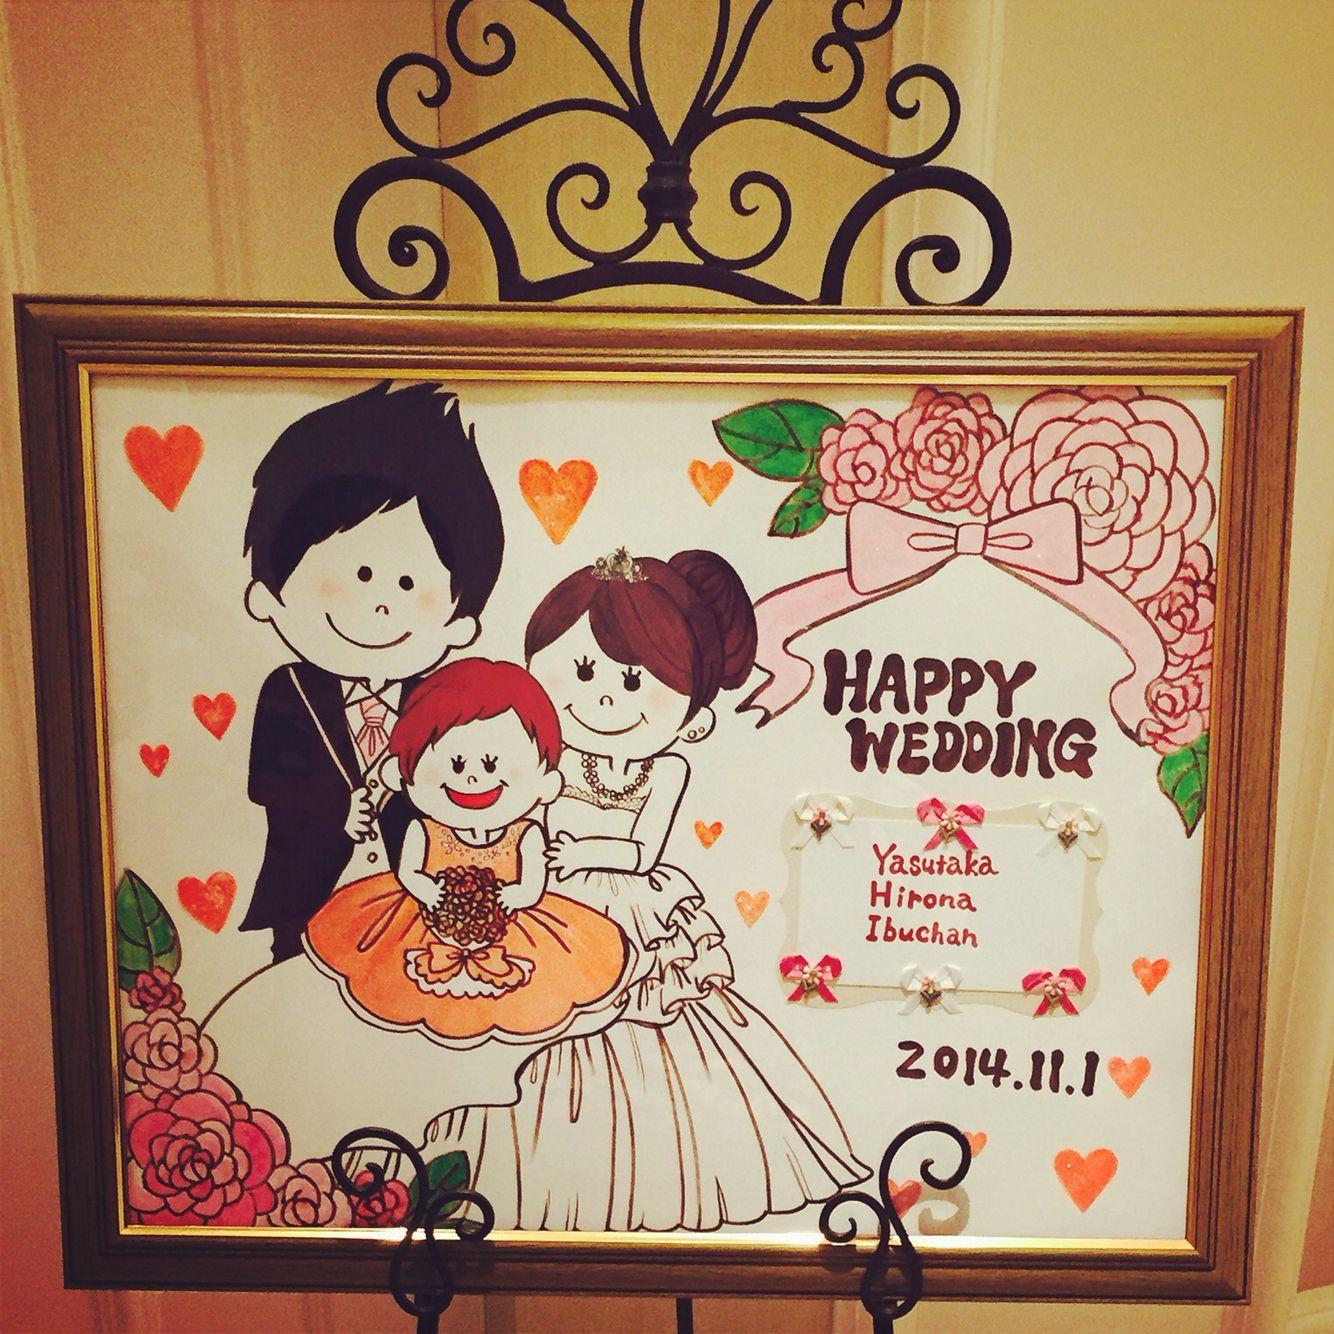 Happywedding Happy Wedding Boys Girls Baby Familly Welcome